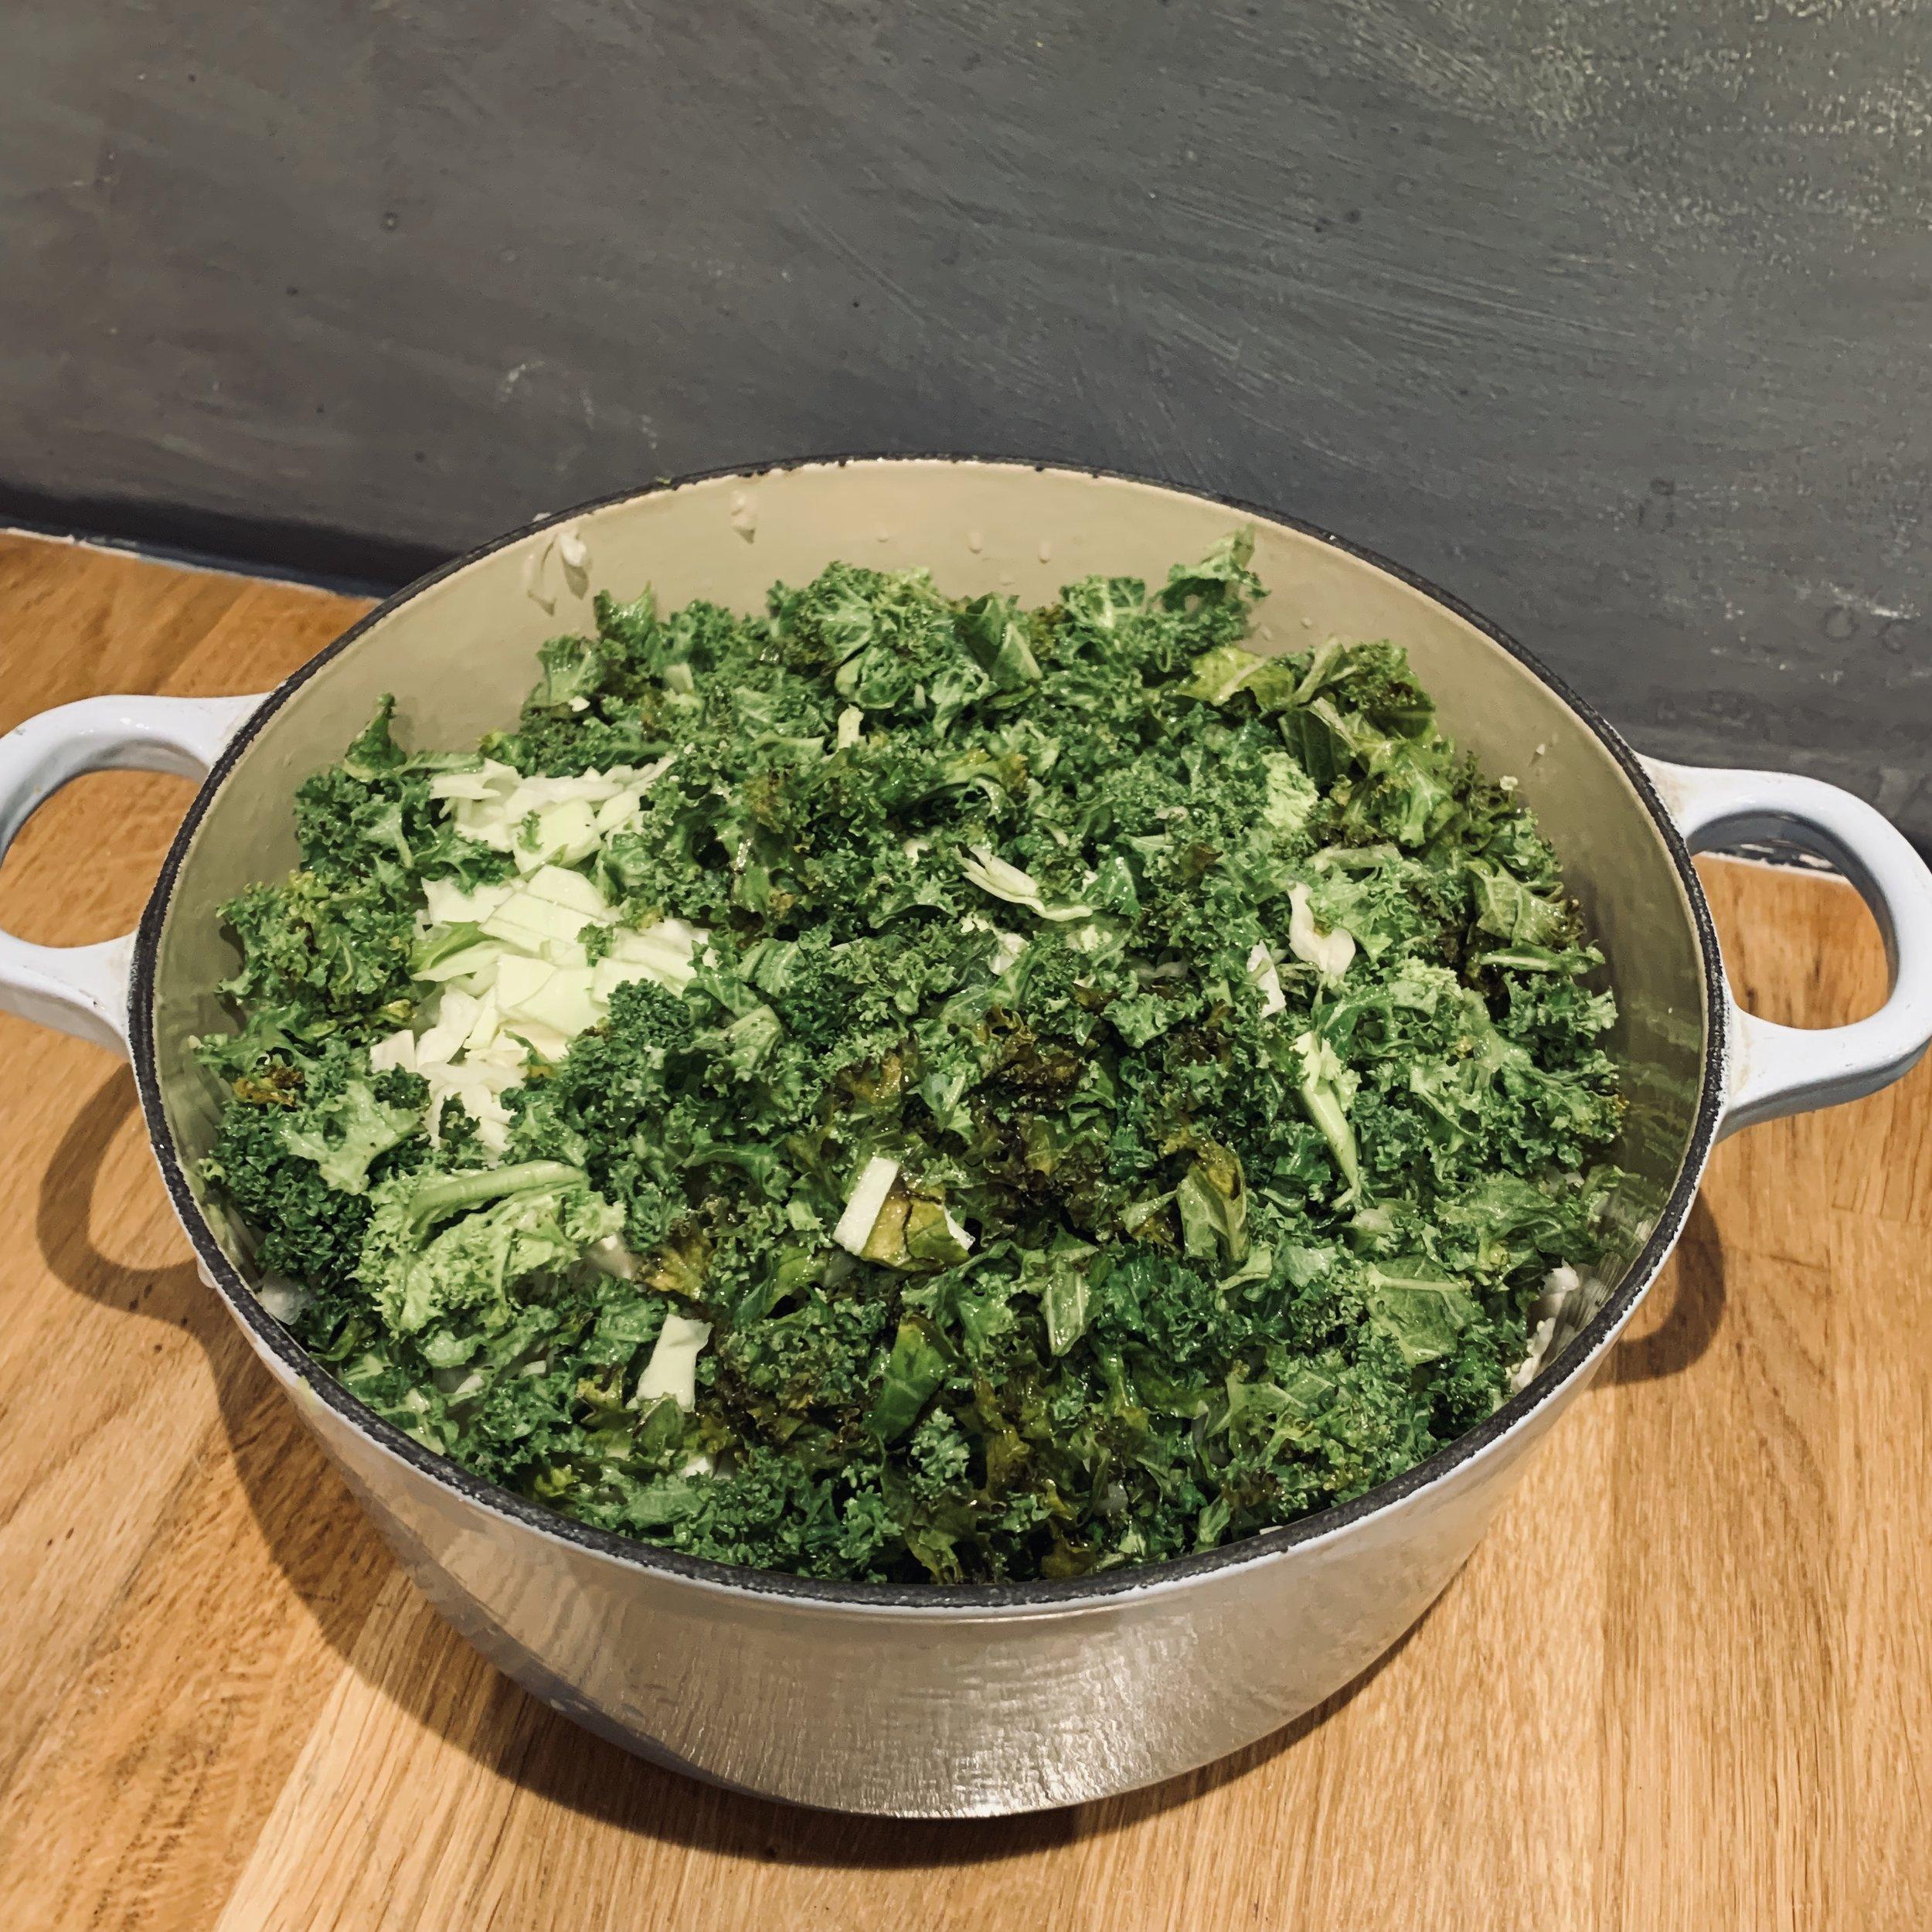 Ha alt i gryta og kok opp. SÅ enkelt! Her har vi brukt grønnkål fra hagen + hodekål og savoykål, da det var dette som lå igjen i kjøleskapet etter jula.